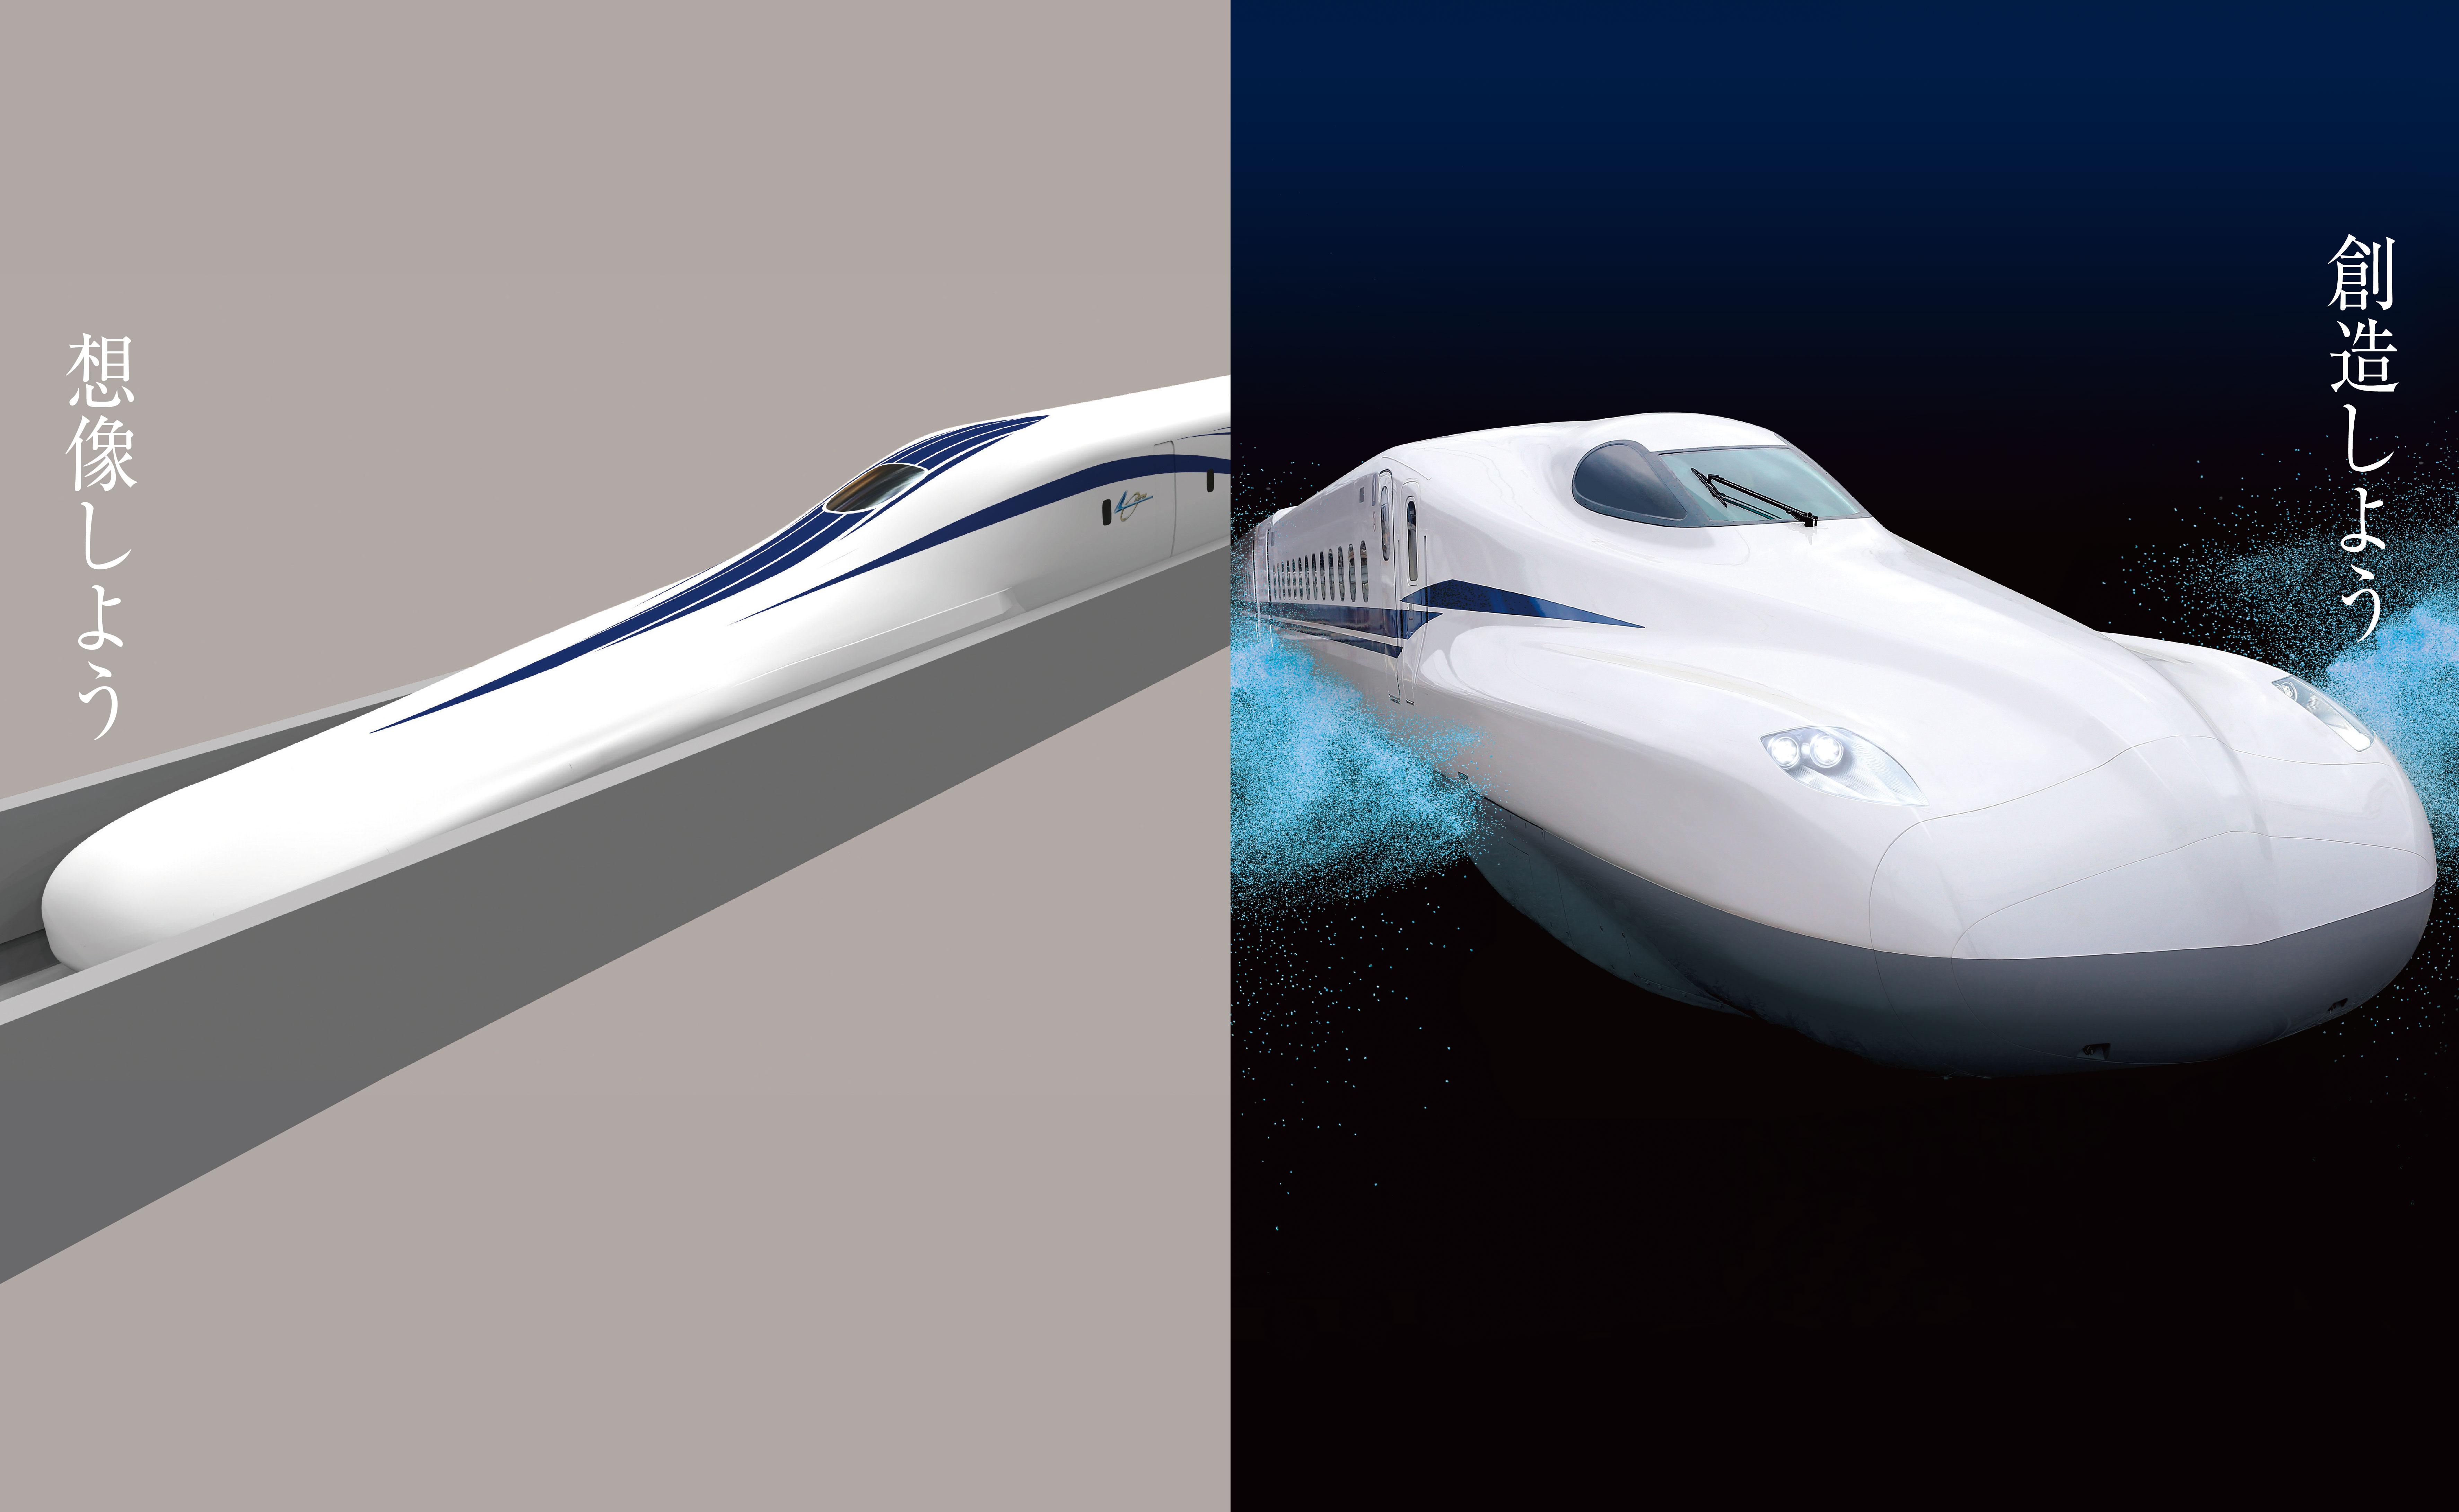 鉄道の未来展 ~新幹線N700Sから超電導リニアまで~